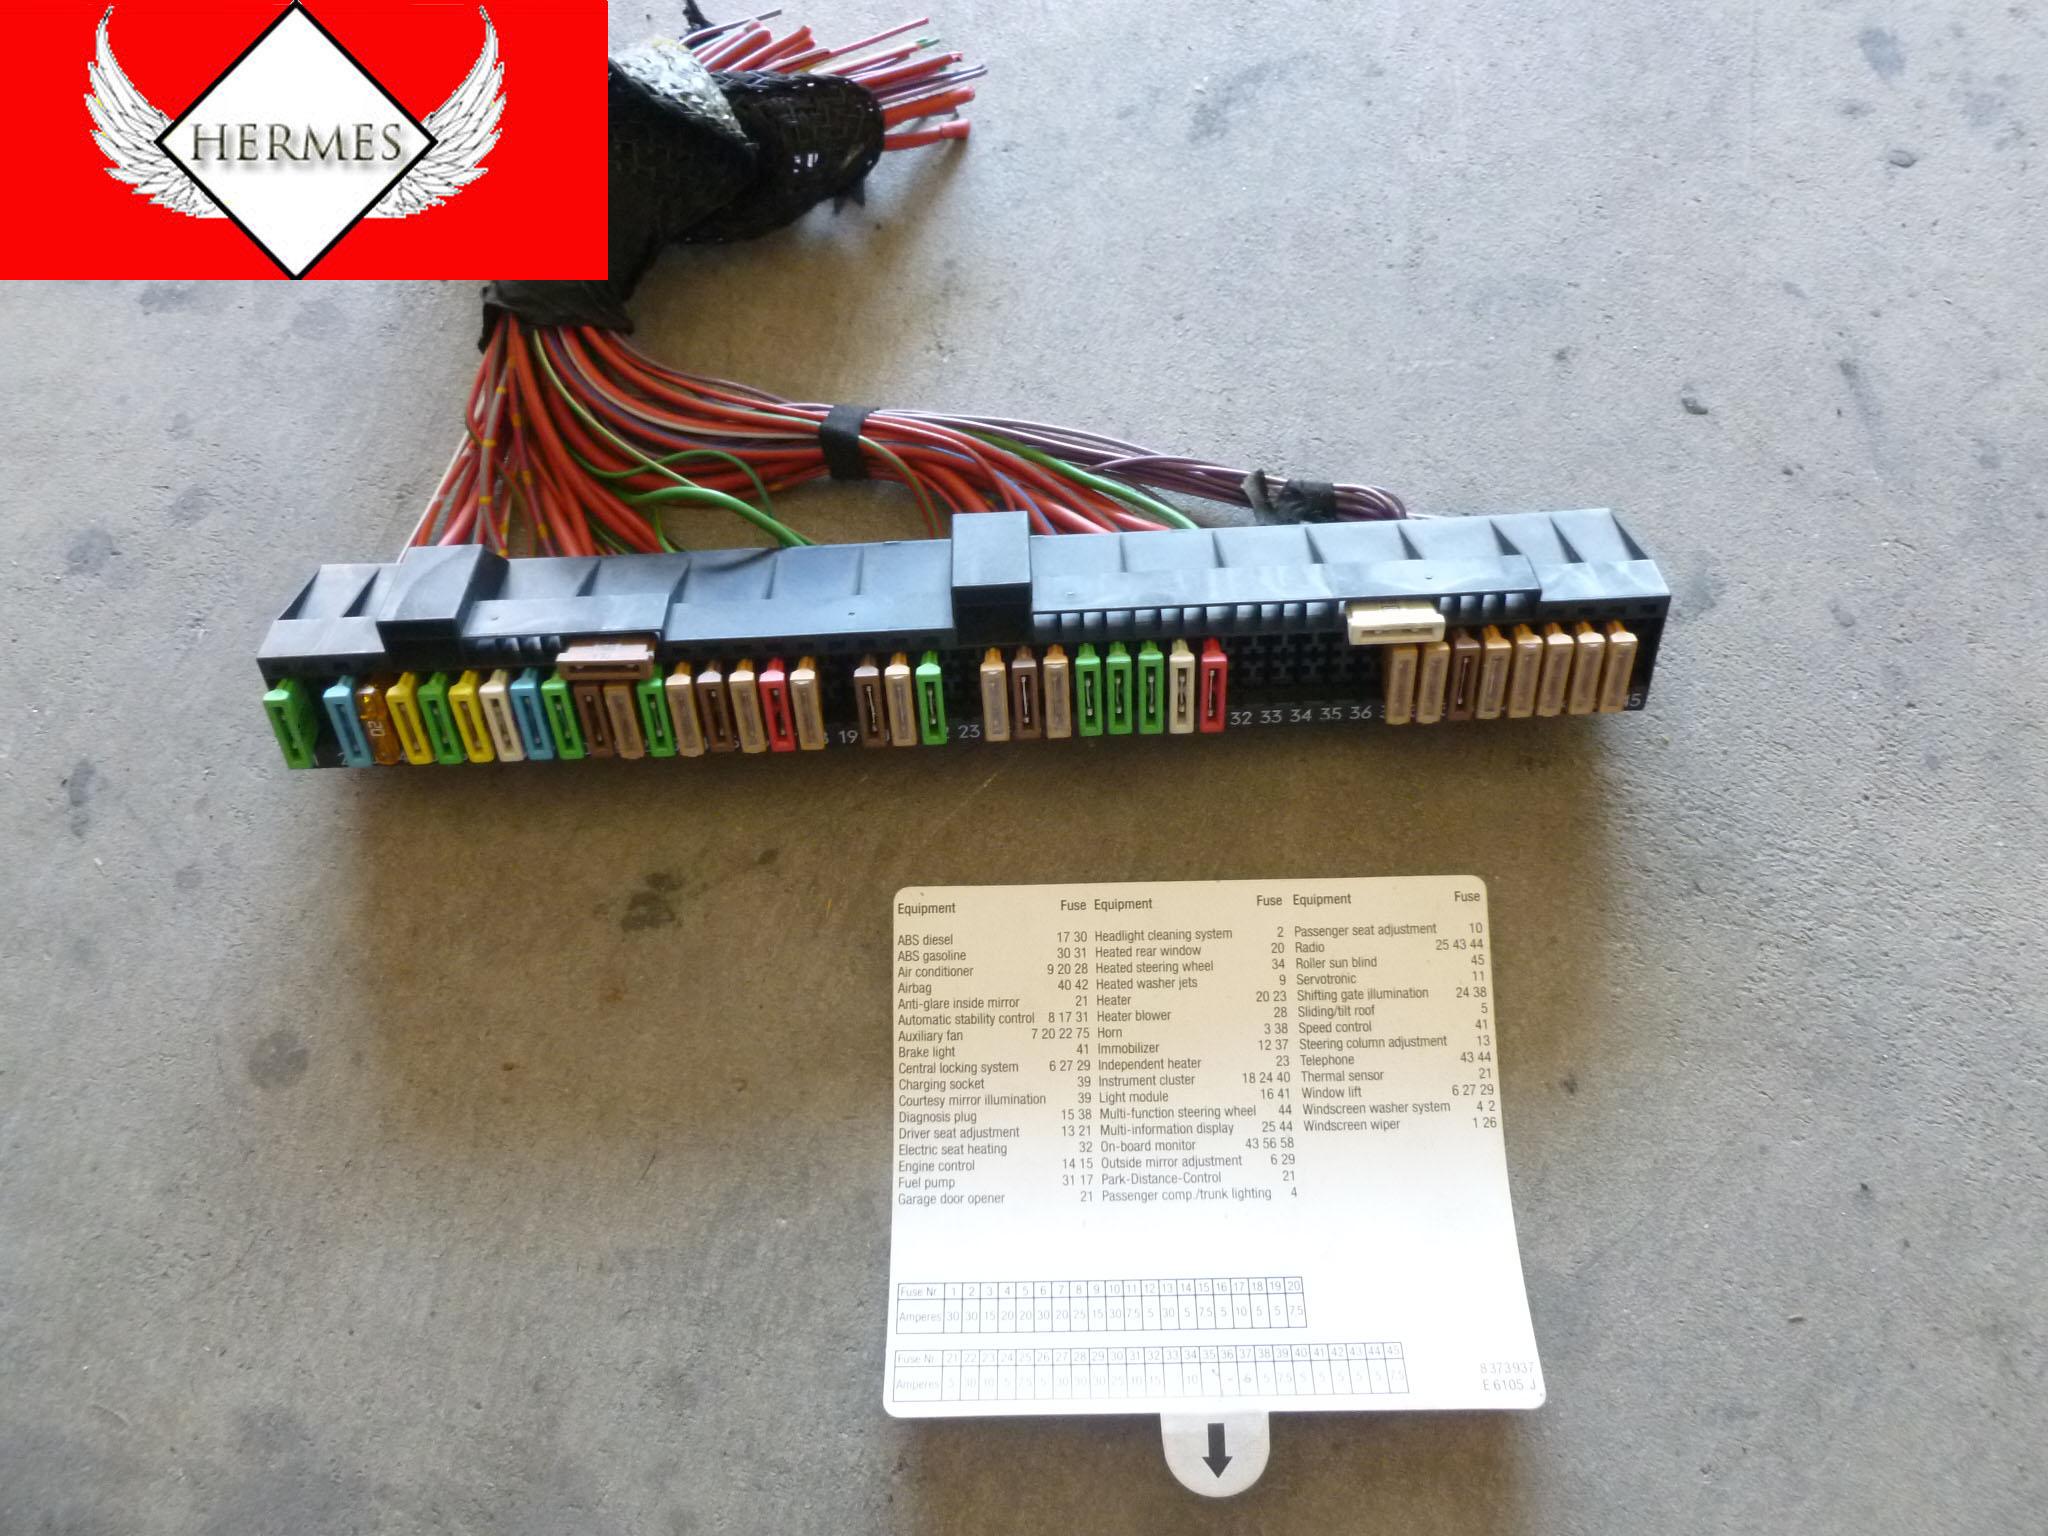 1997 Bmw 528i Repair Manual